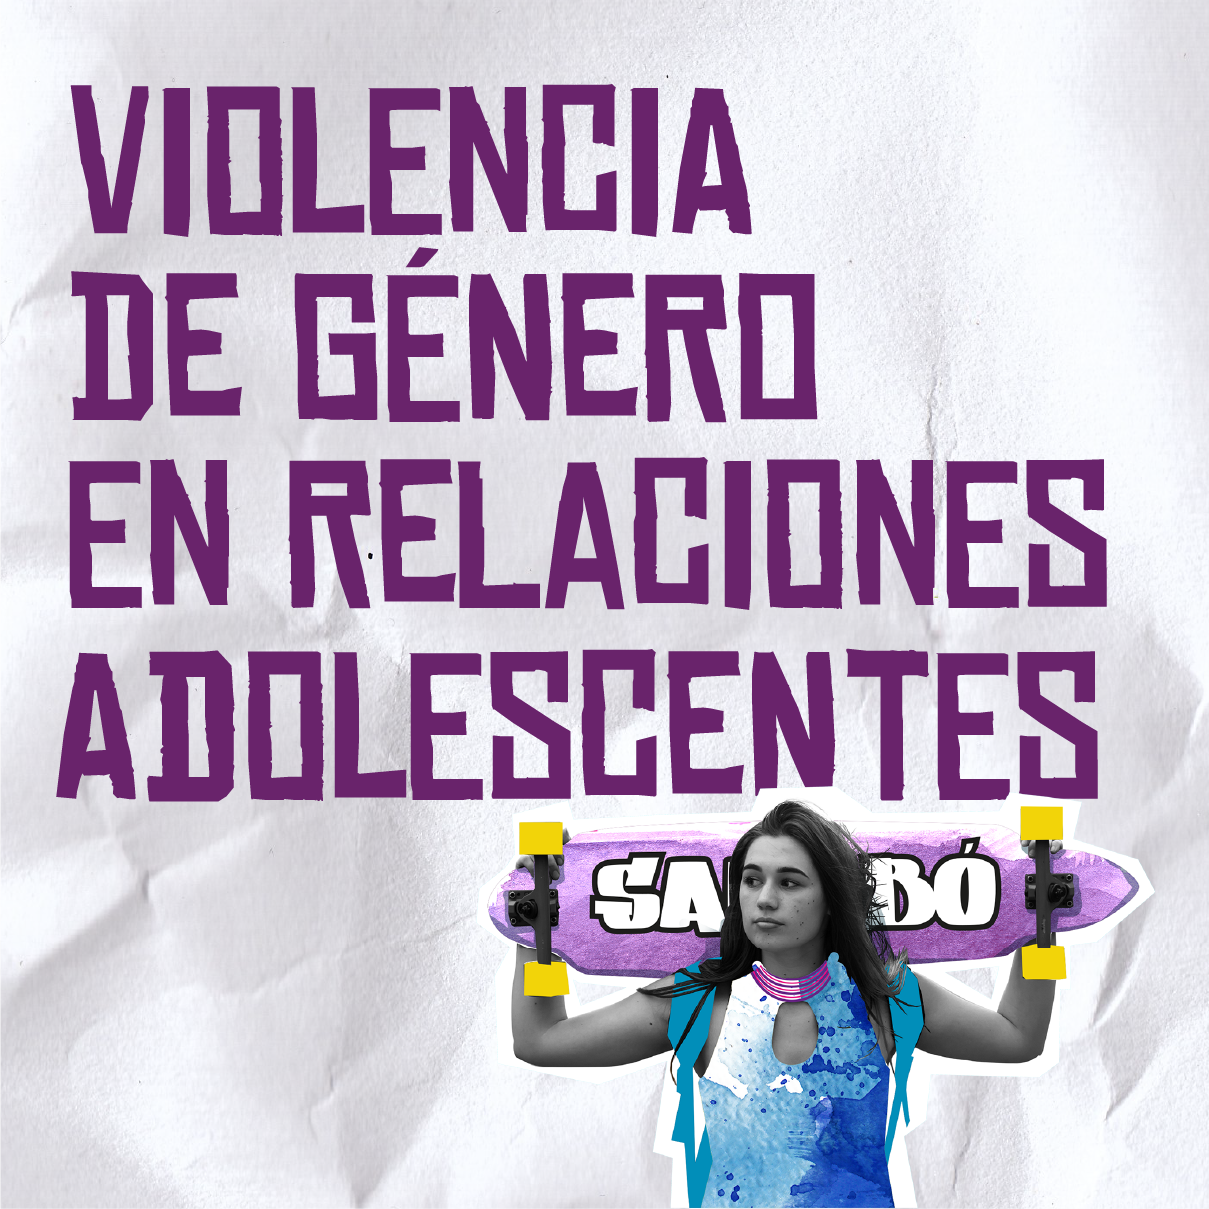 Violencia de género en relaciones adolescentes